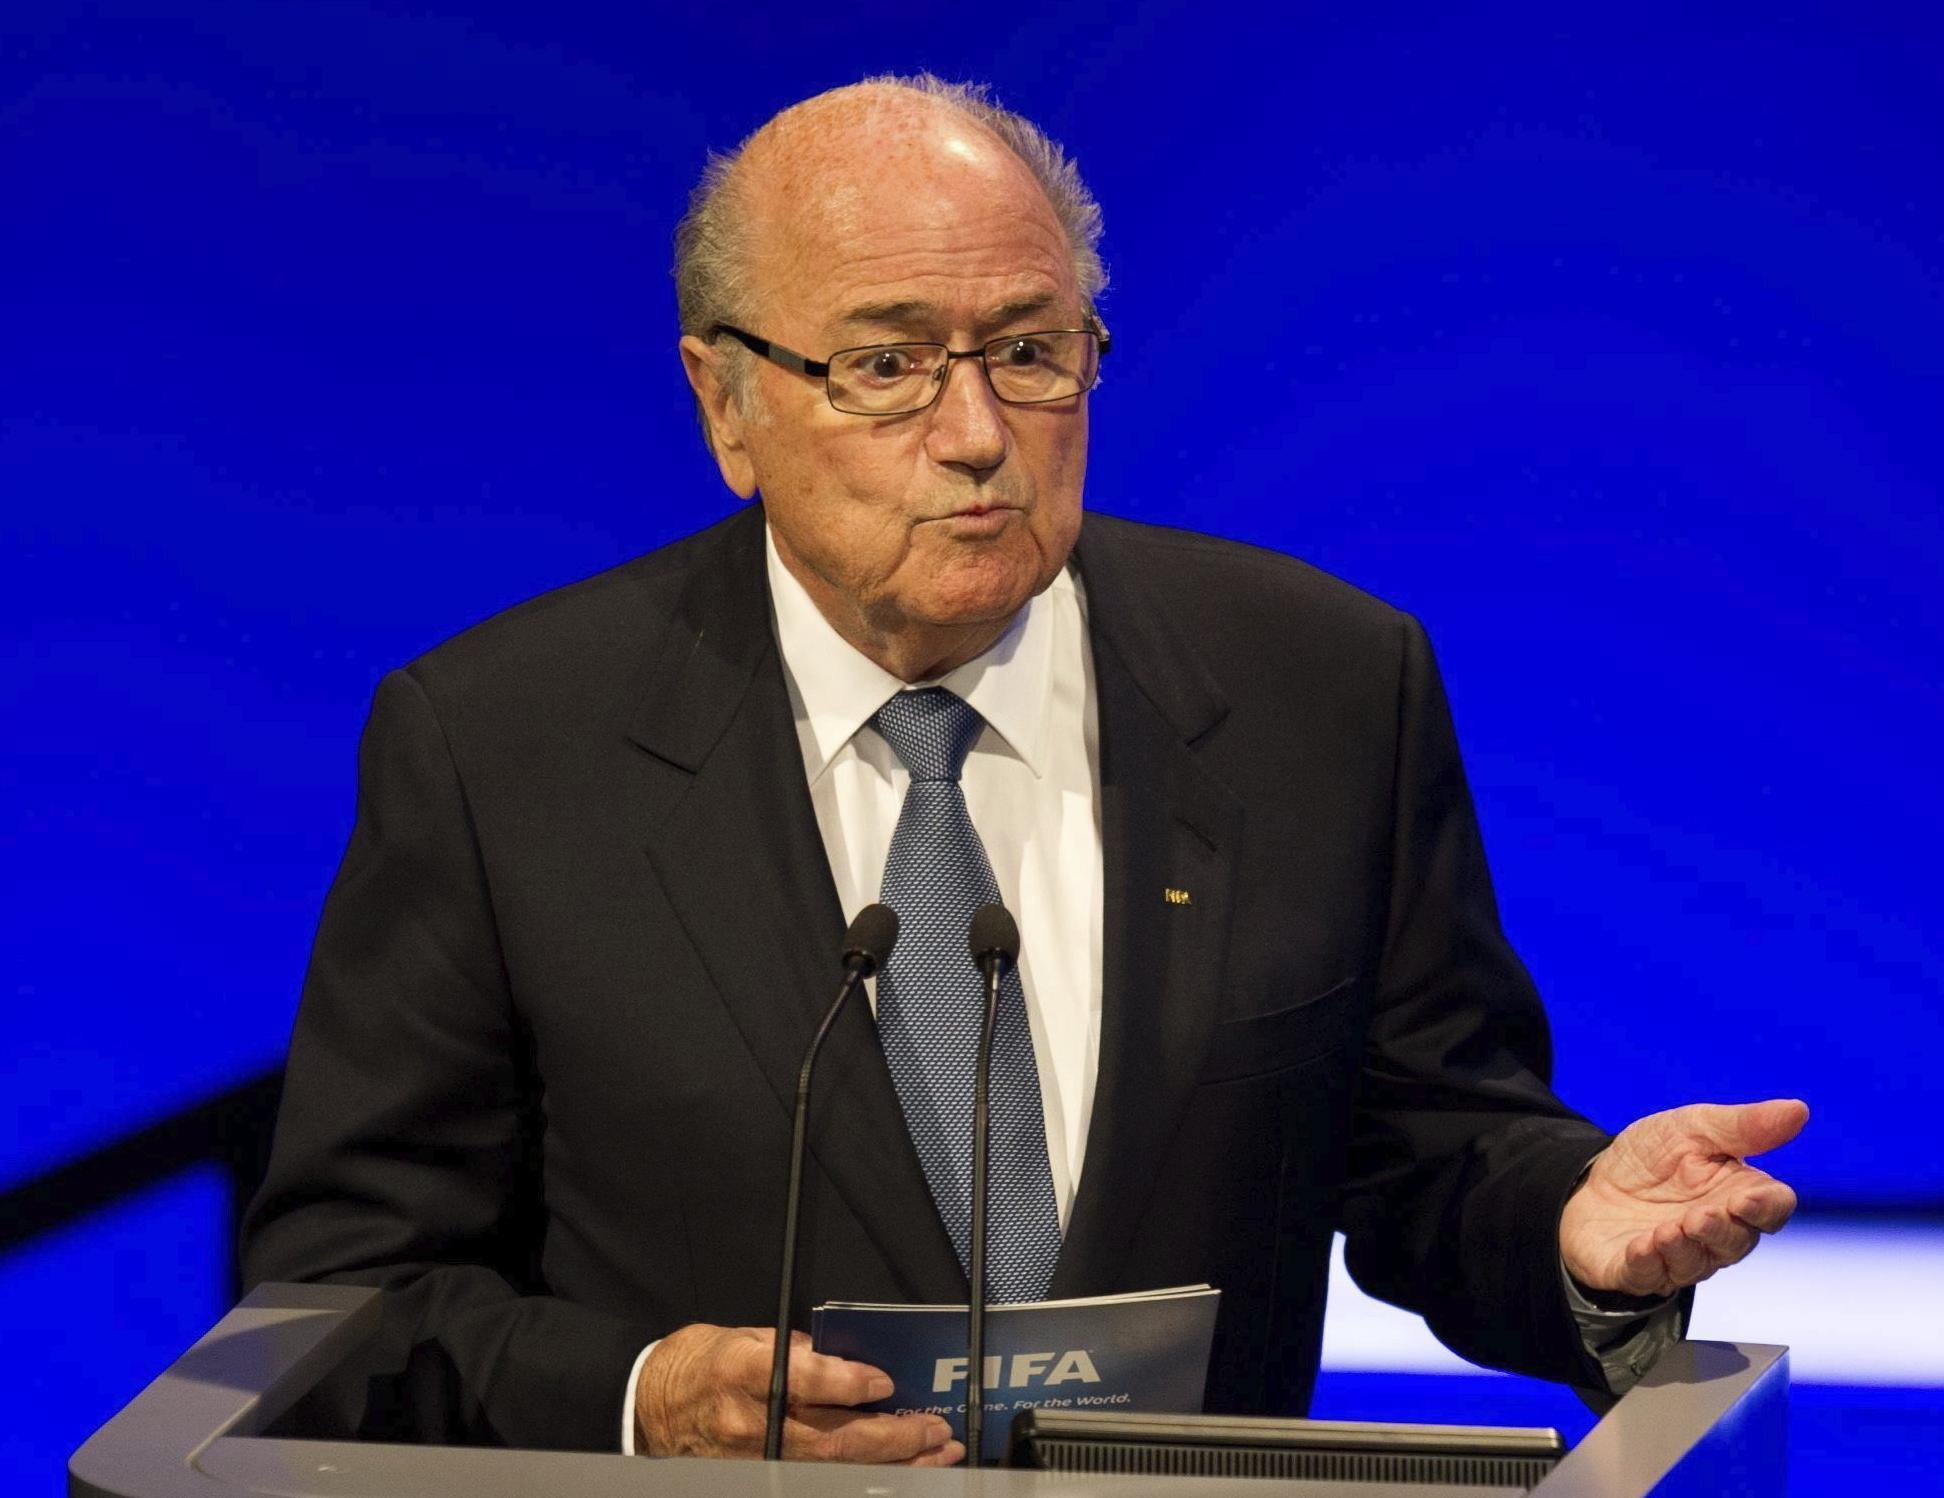 La FIFA investiga posible irregularidad de las selecciones de Etiopía, Togo y Guinea